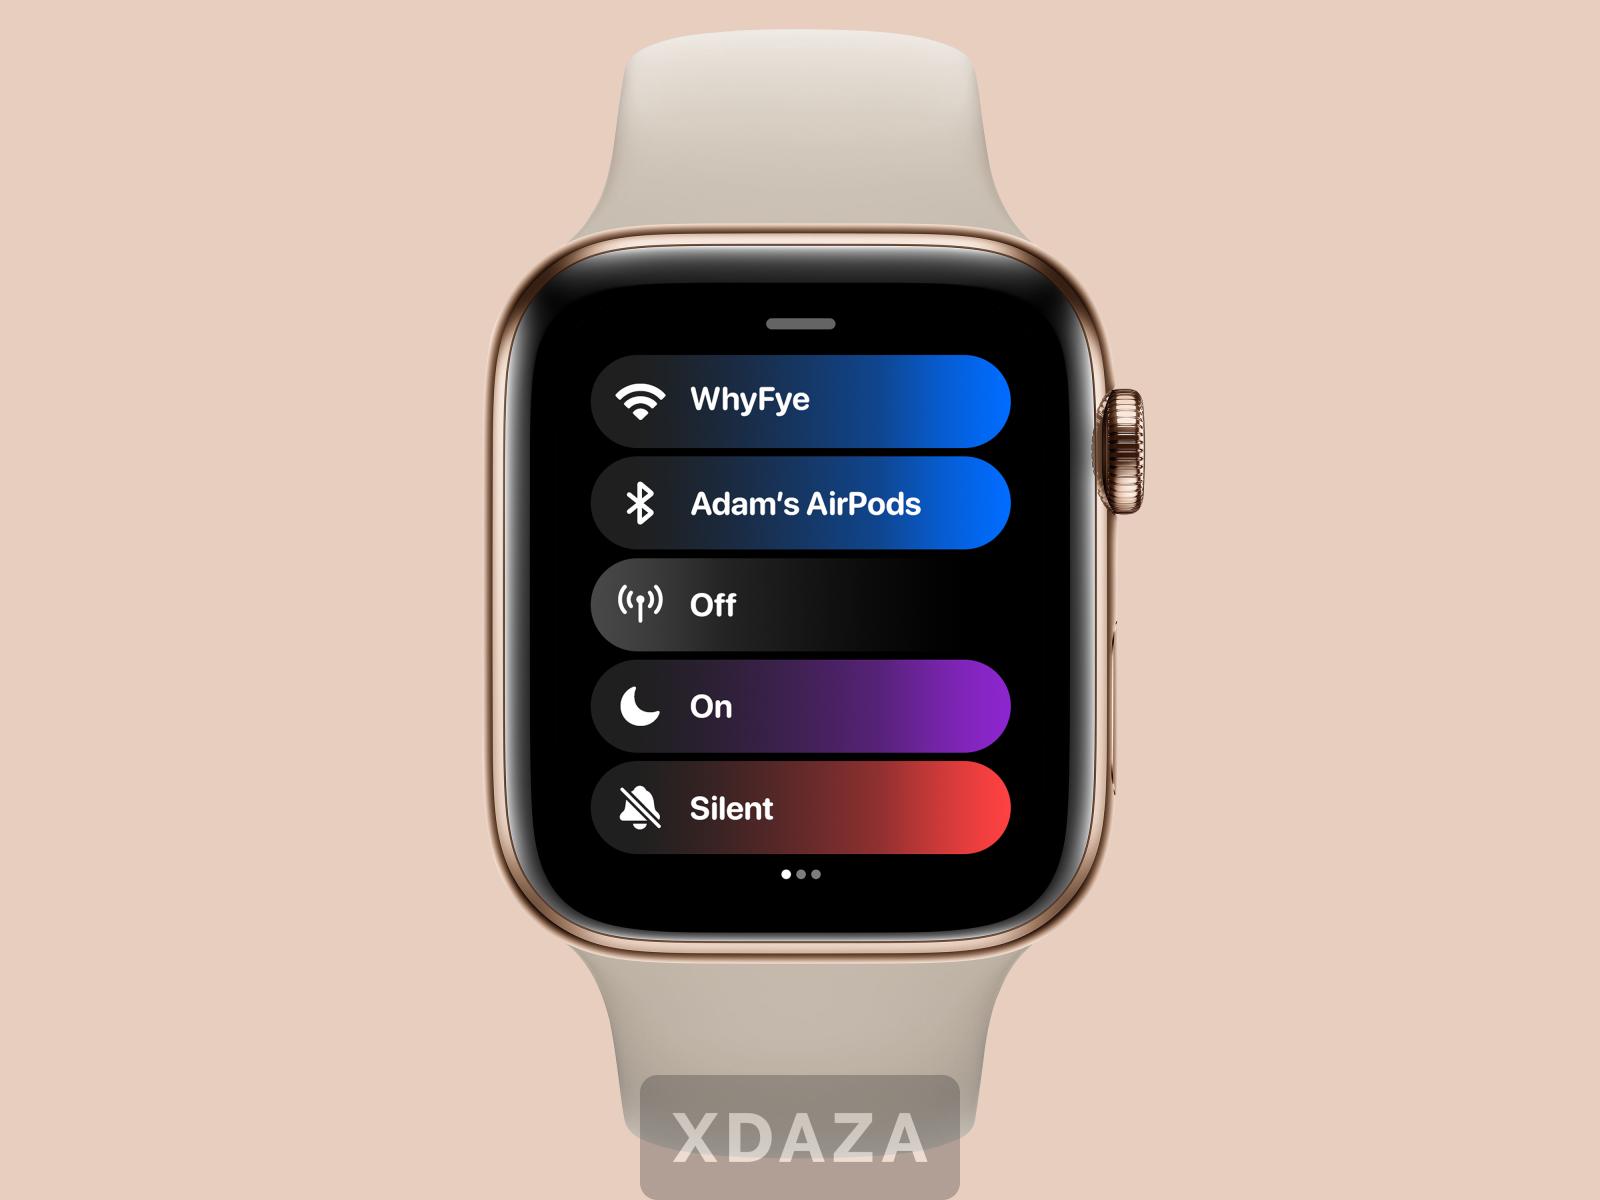 苹果WWDC21传闻大汇总终极剧透:遐想无限,值得熬夜观看